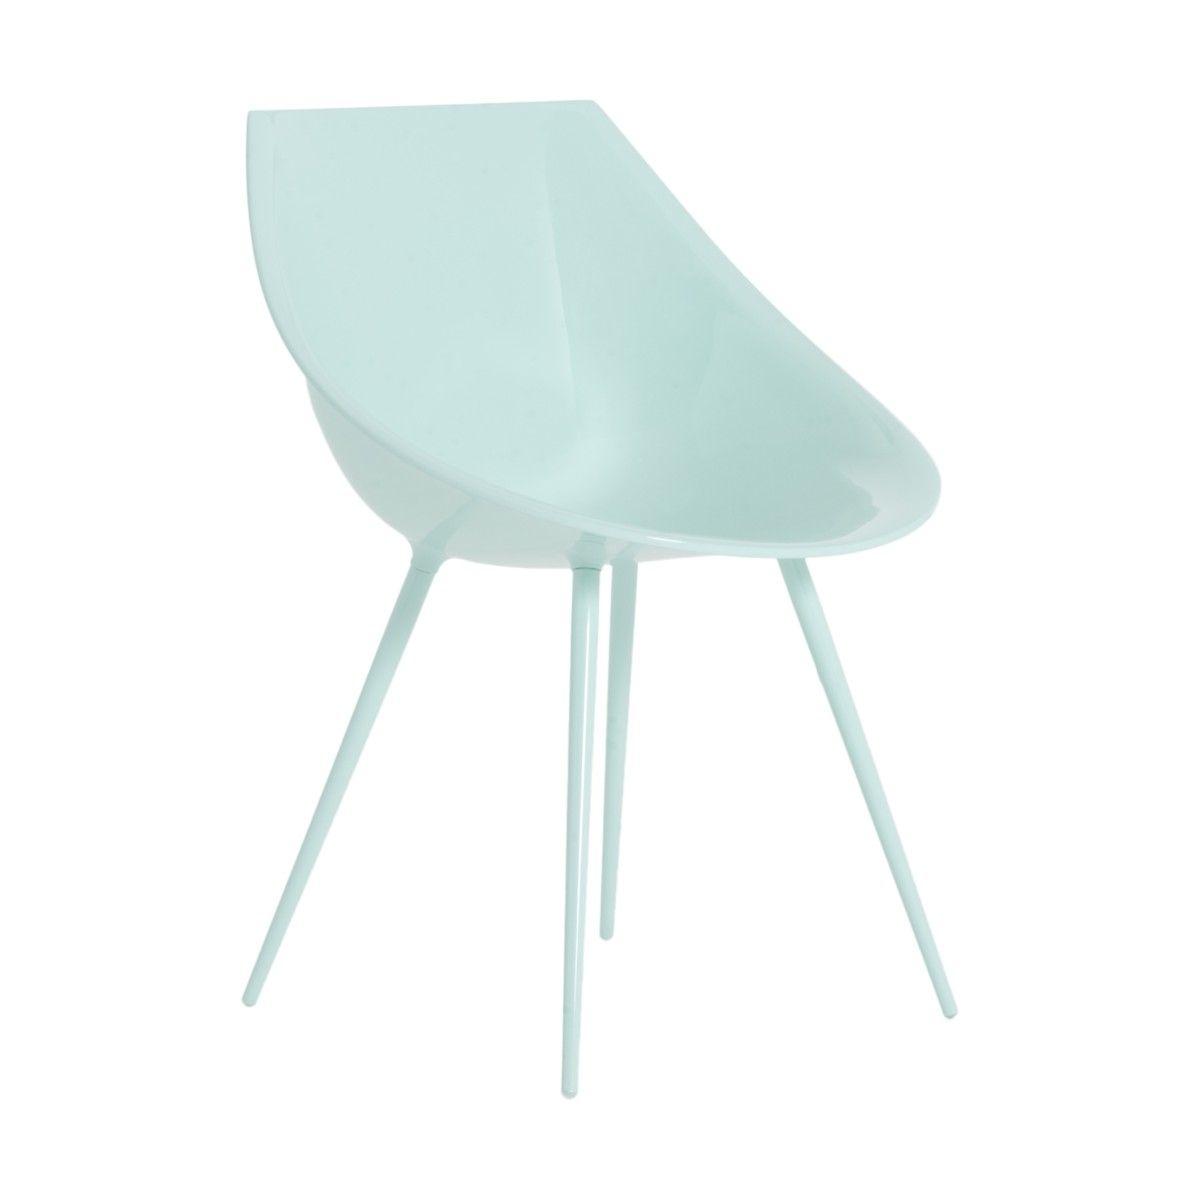 Sedia Lagò celeste design di Philippe Starck | DRIADE | Sedie ...